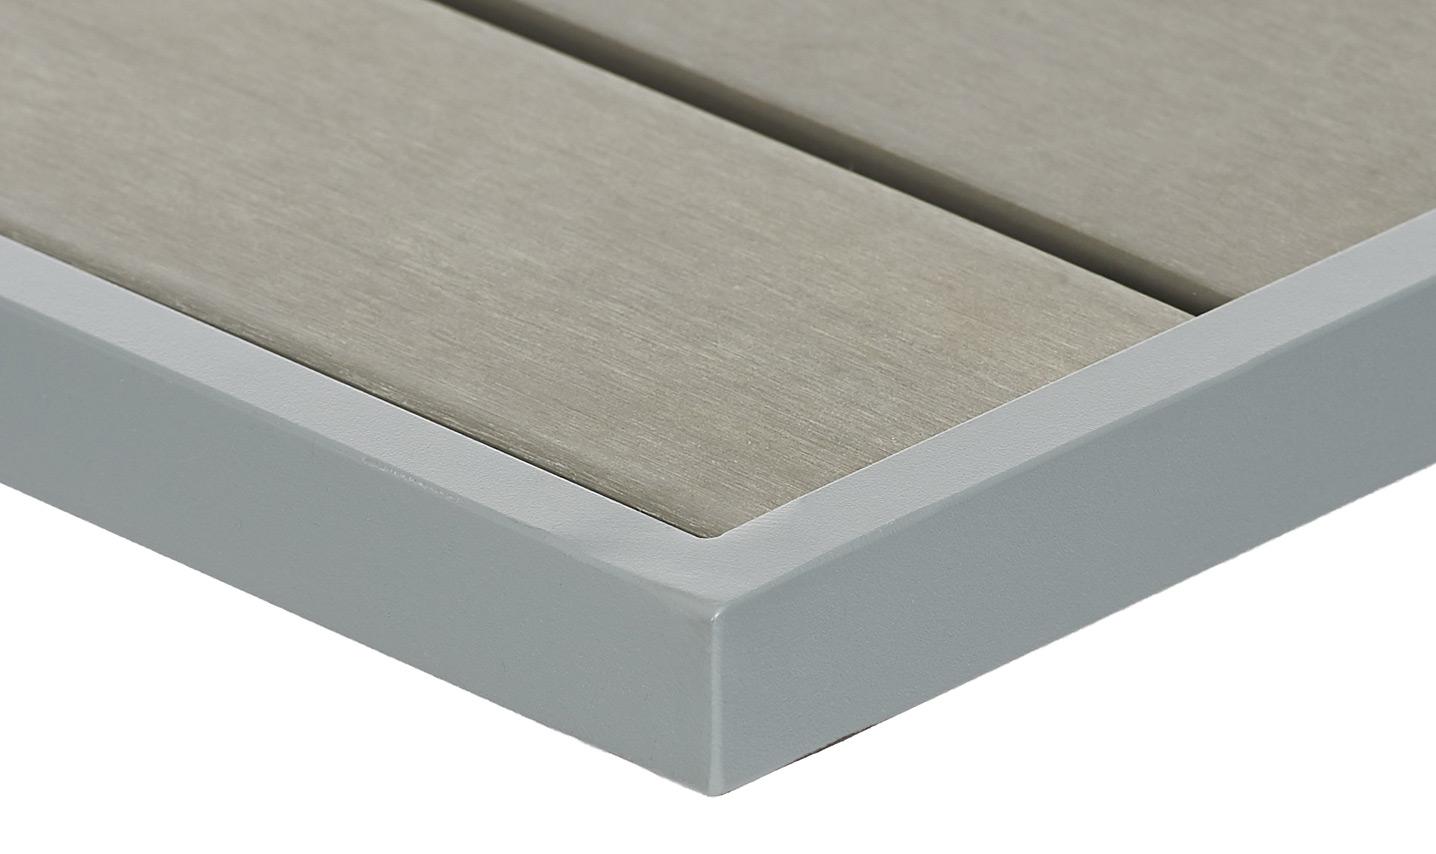 SEASIDE-TABLE-BFM-1.jpg